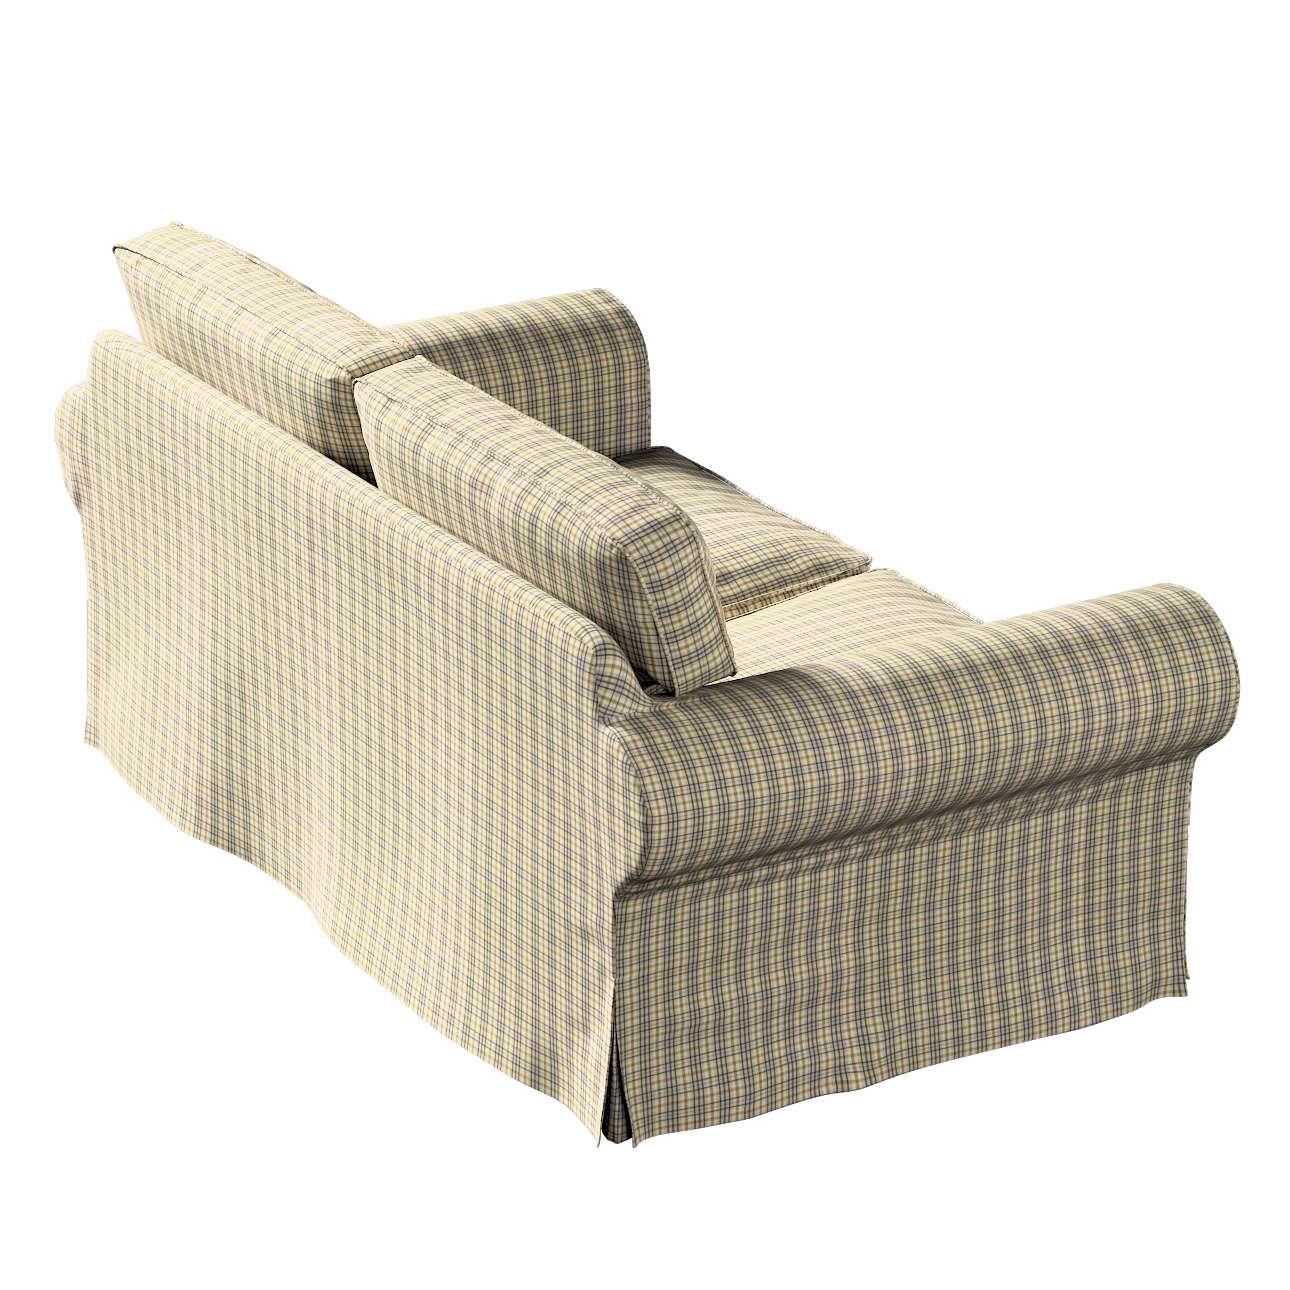 Pokrowiec na sofę Ektorp 2-osobową, rozkładaną, model do 2012 w kolekcji Londres, tkanina: 143-39